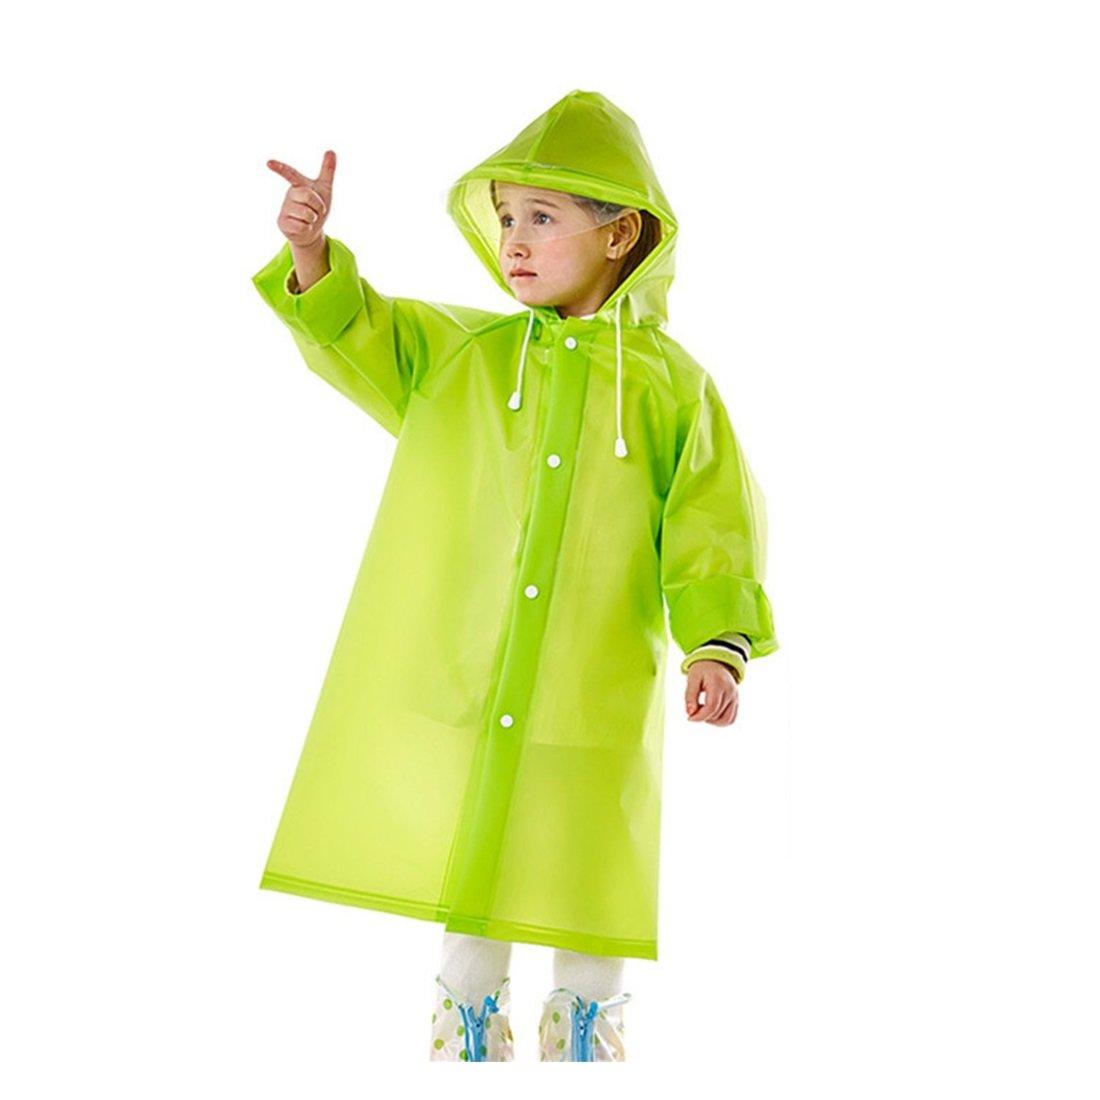 GWELL Kinder Regenmantel mit Kapuze Umweltfreundliche Wasserdicht Eva Regenjacke Regenponcho fü r Jungen oder Mä dchen